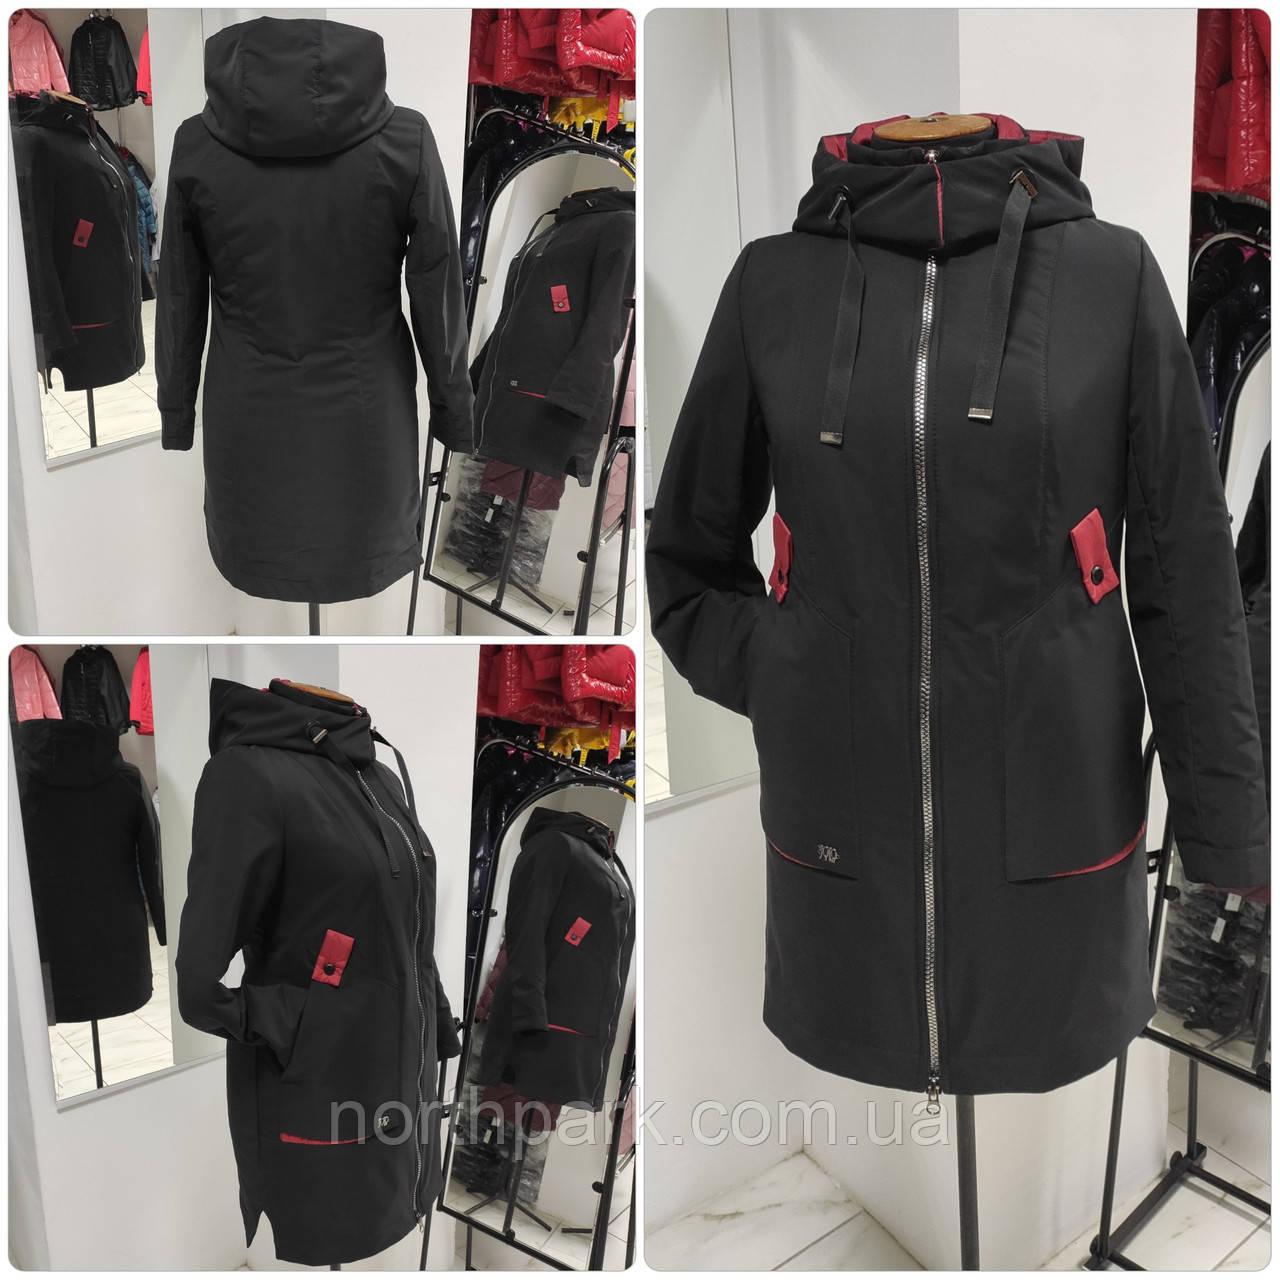 Стильная удлинённая демисезонная куртка Solo SV-3